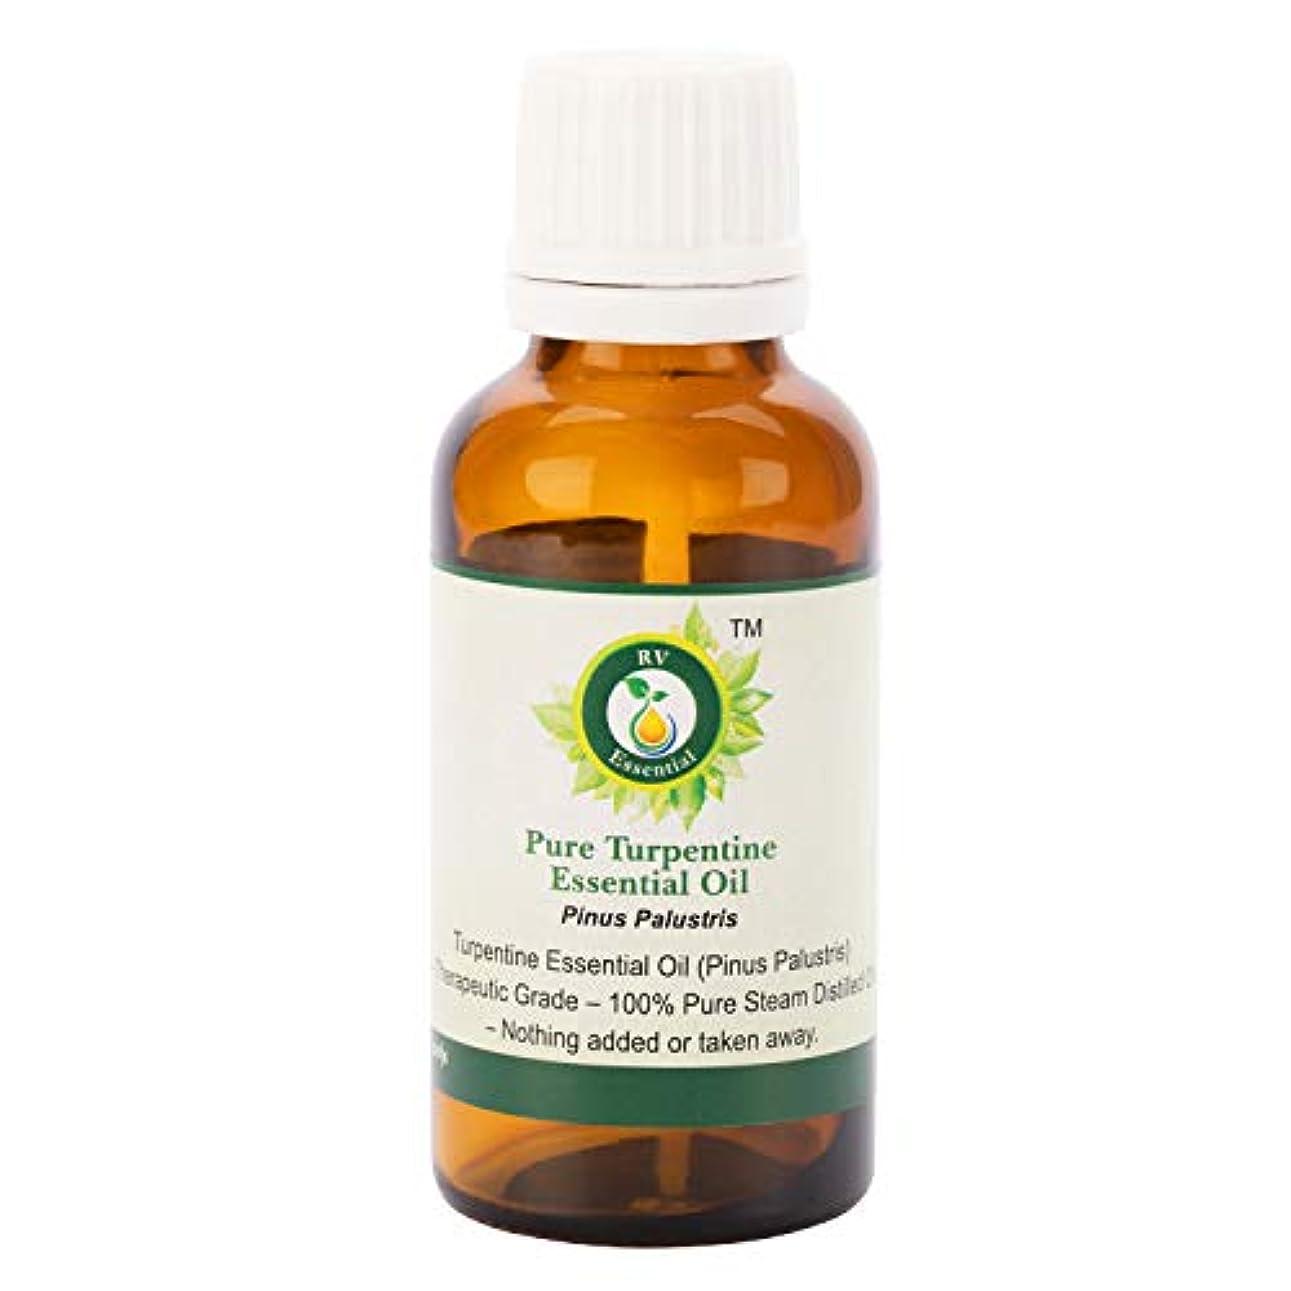 執着メロドラマティック拡張純粋なターペンタイン精油30ml (1.01oz)- Pinus Palustris (100%純粋&天然スチームDistilled) Pure Turpentine Essential Oil